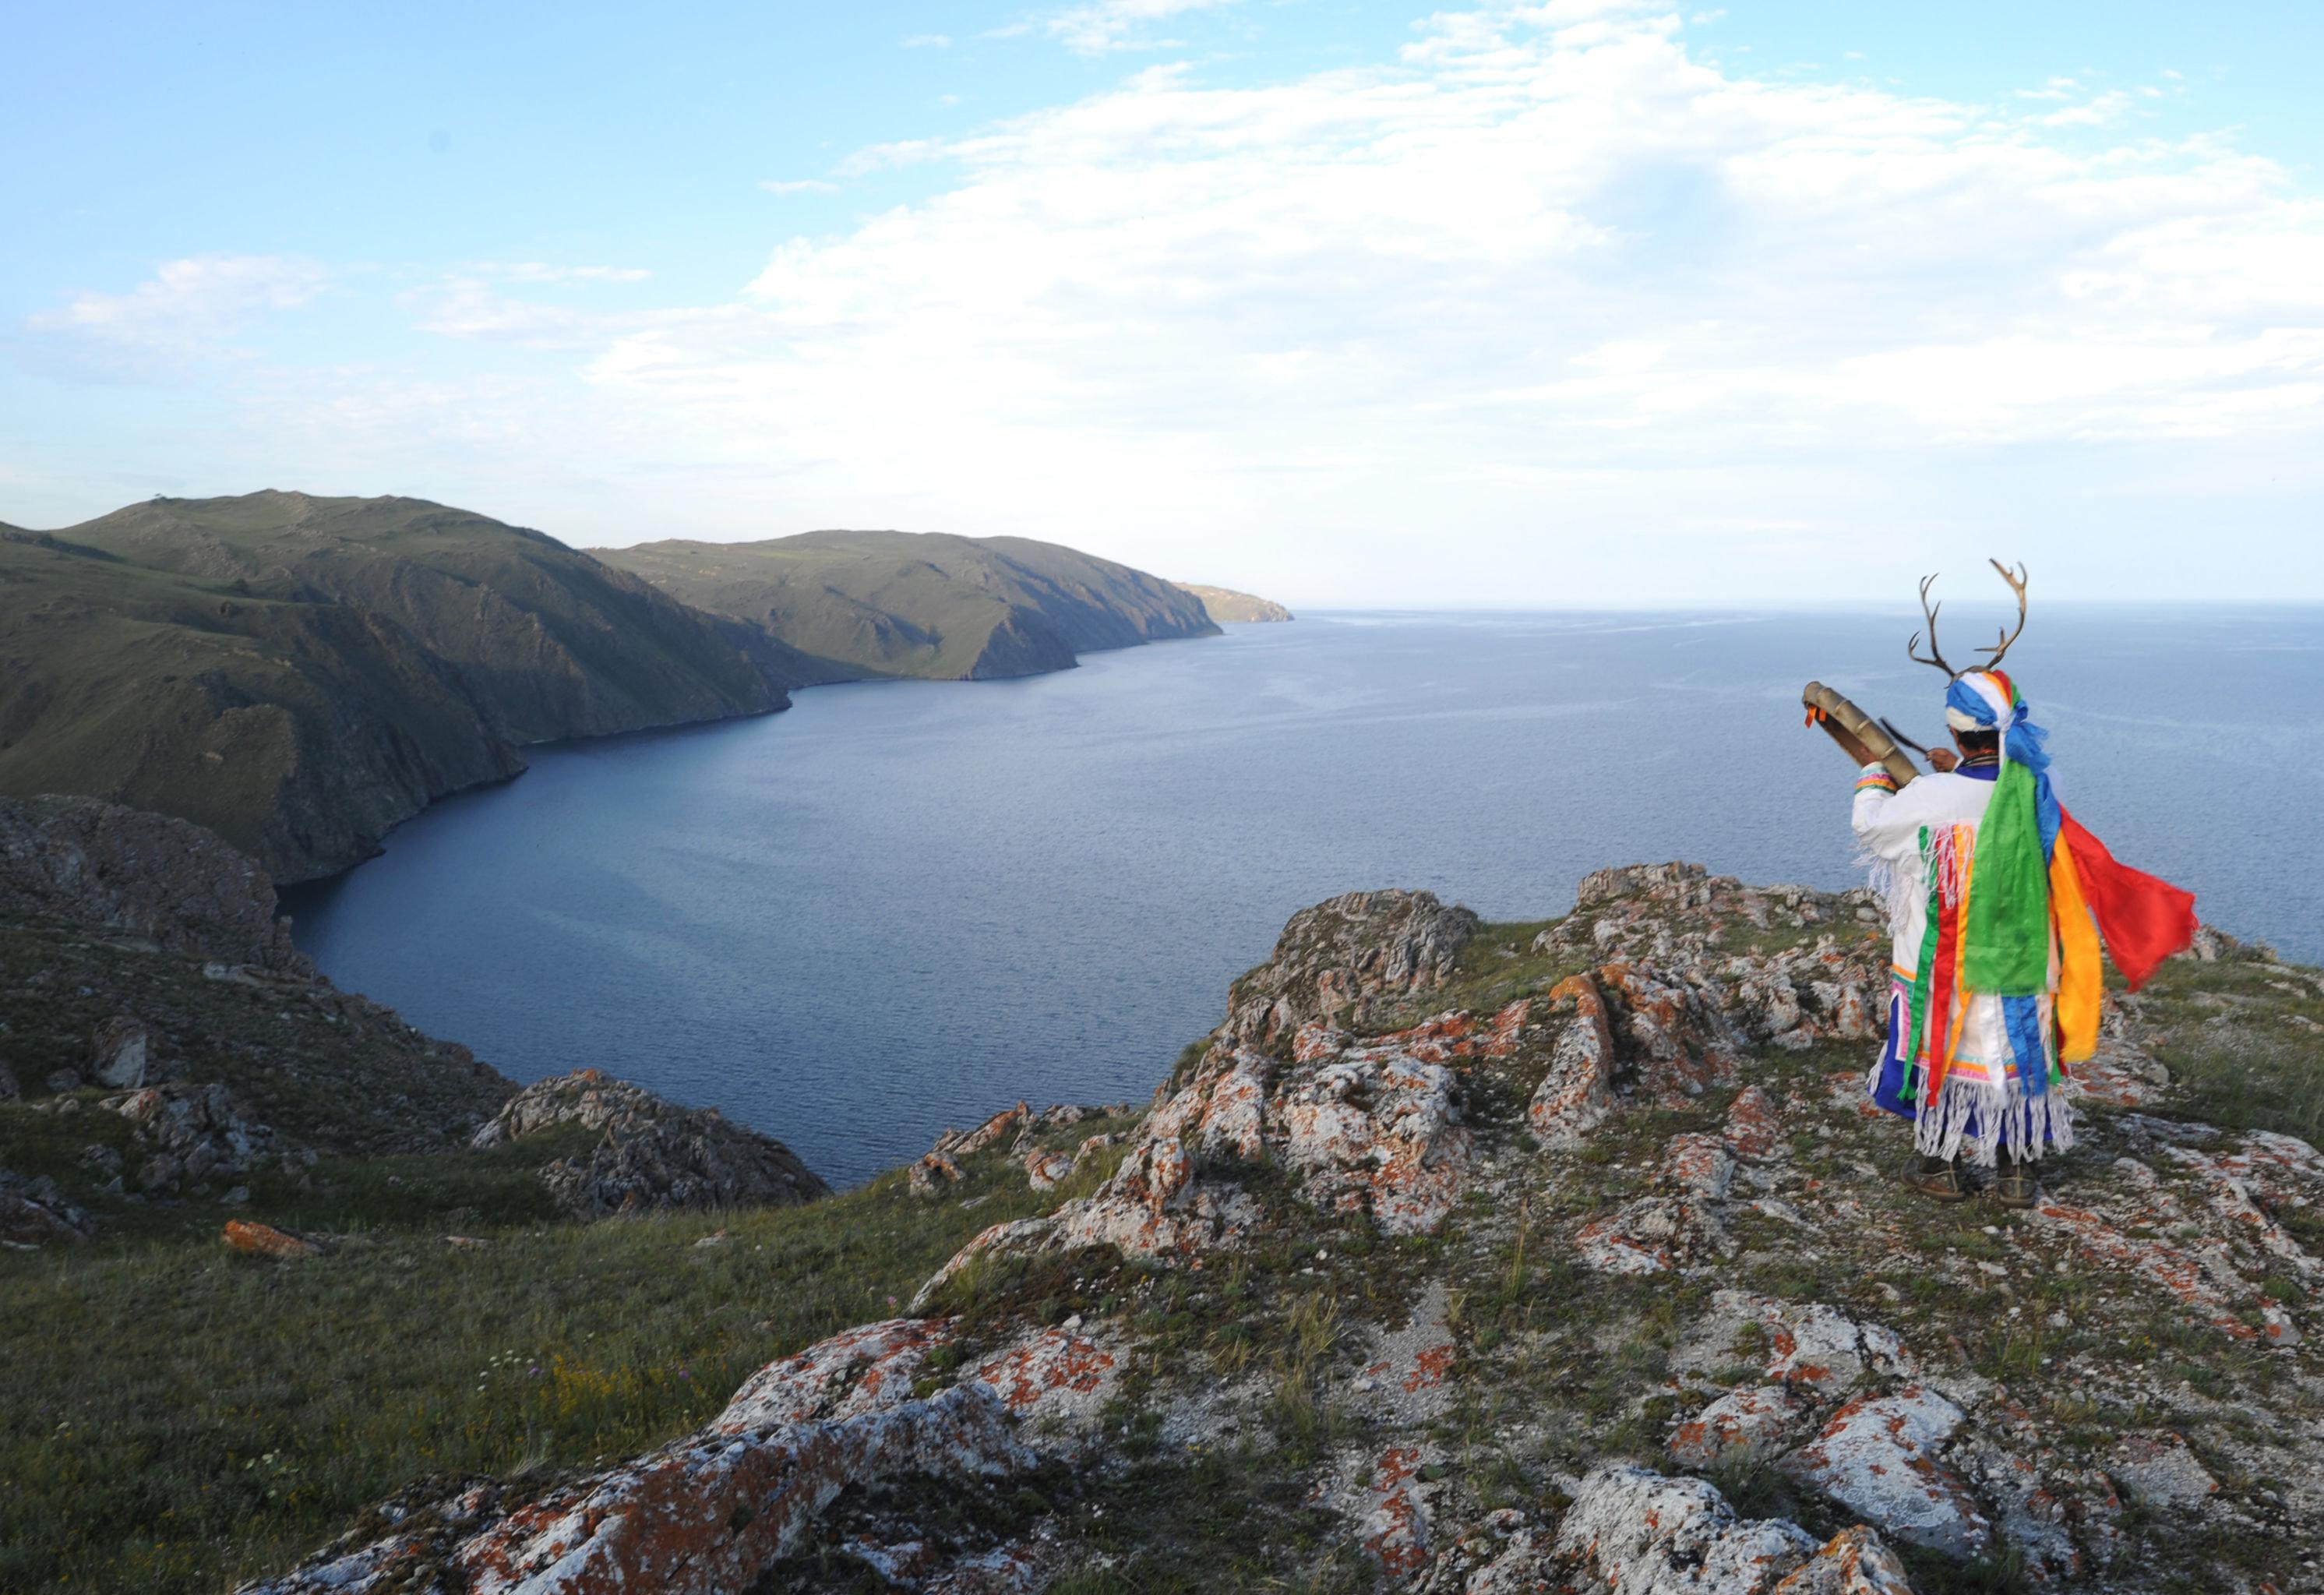 Tanto los pueblos indígenas de la región como los rusos que llegaron al Baikal en el siglo XVII y los extranjeros modernos, se inclinaban ante la belleza del lago, al que han llamado un 'mar sagrado', 'lago sagrado' y fuente de 'agua bendita'.